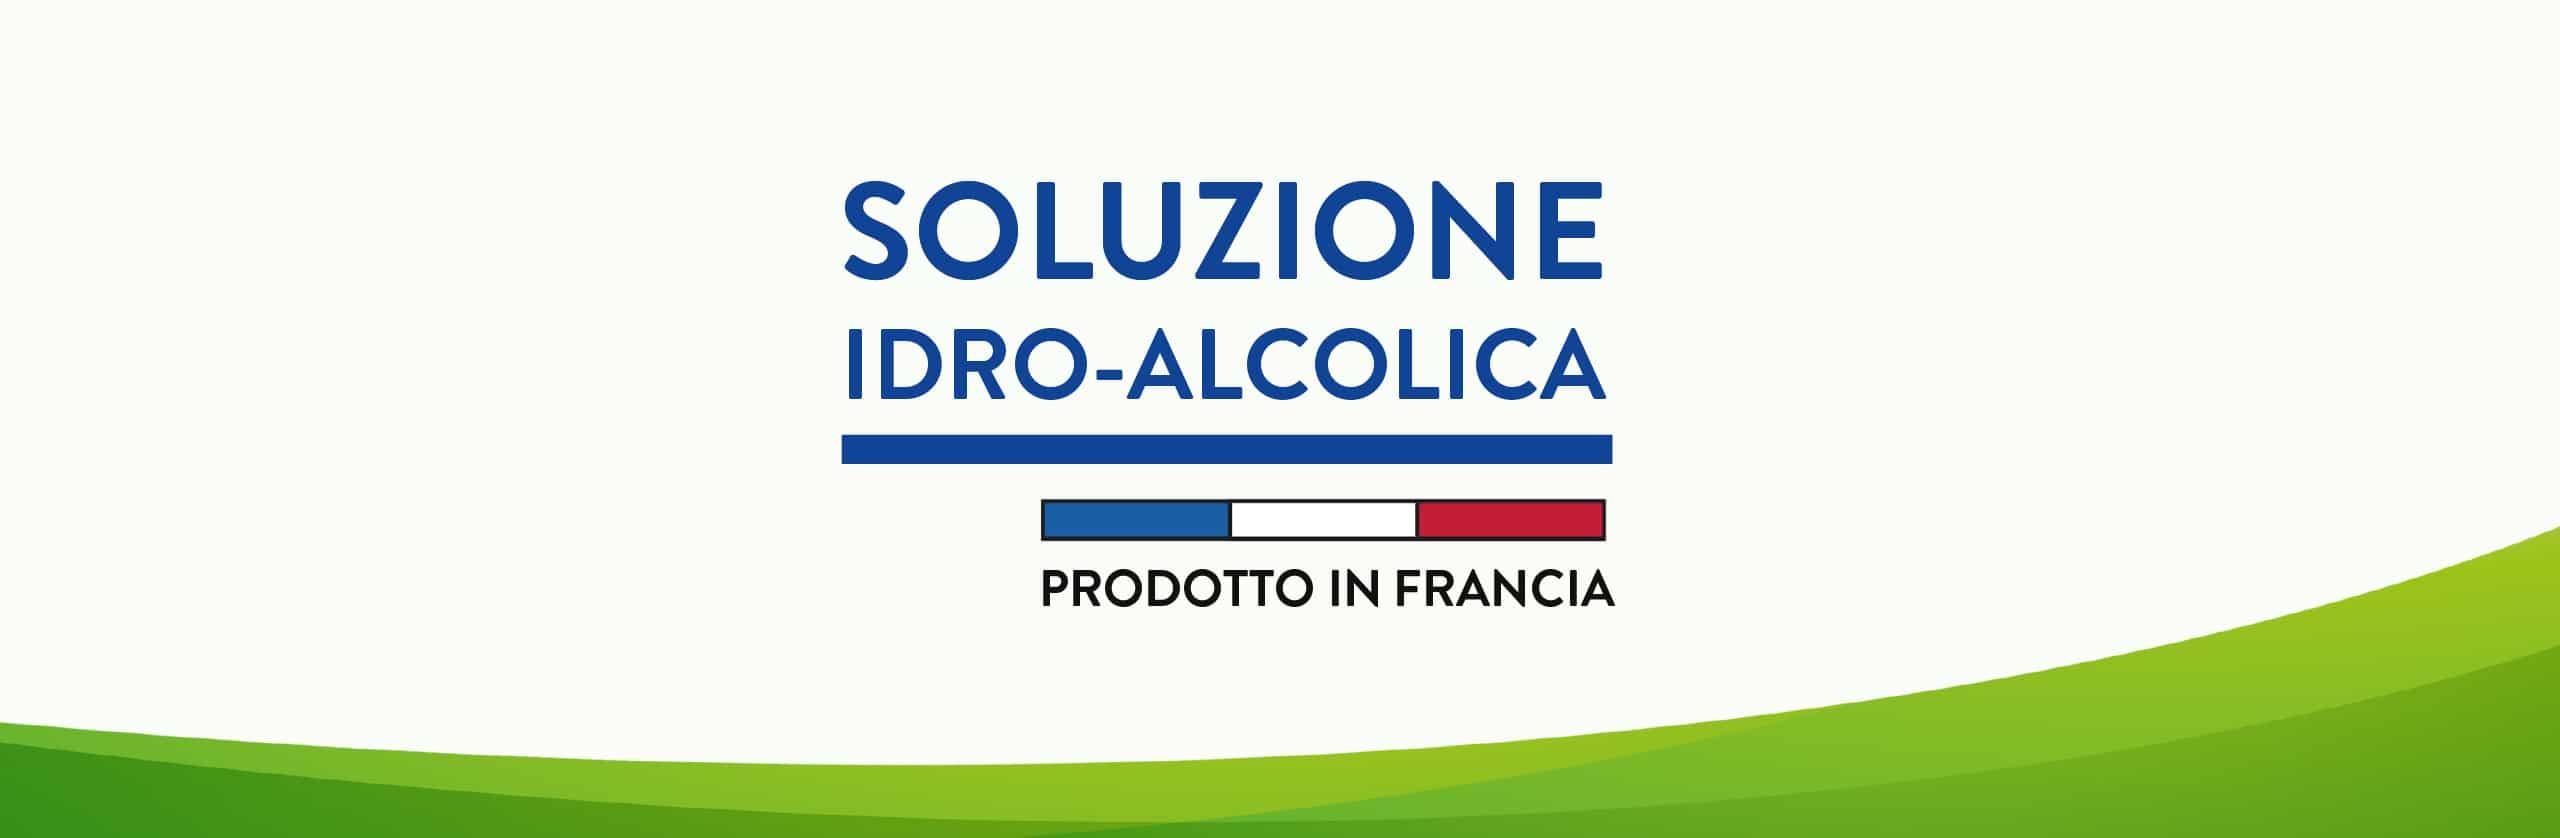 Covid-19 : distribuiamo la soluzione idro-alcolica!